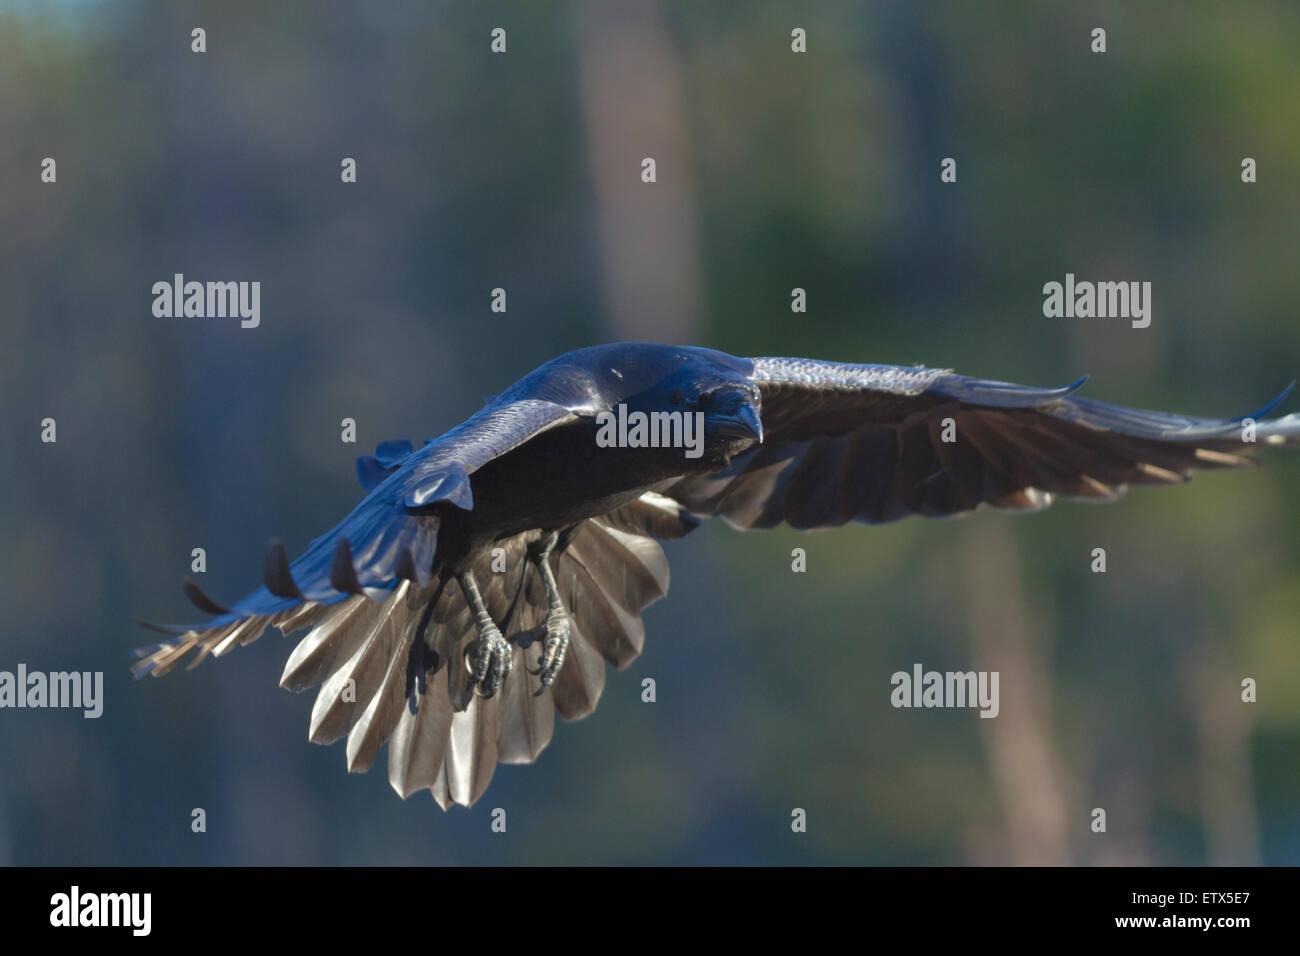 Nahaufnahme Foto von fliegenden Raben Blick in die Kamera Stockbild